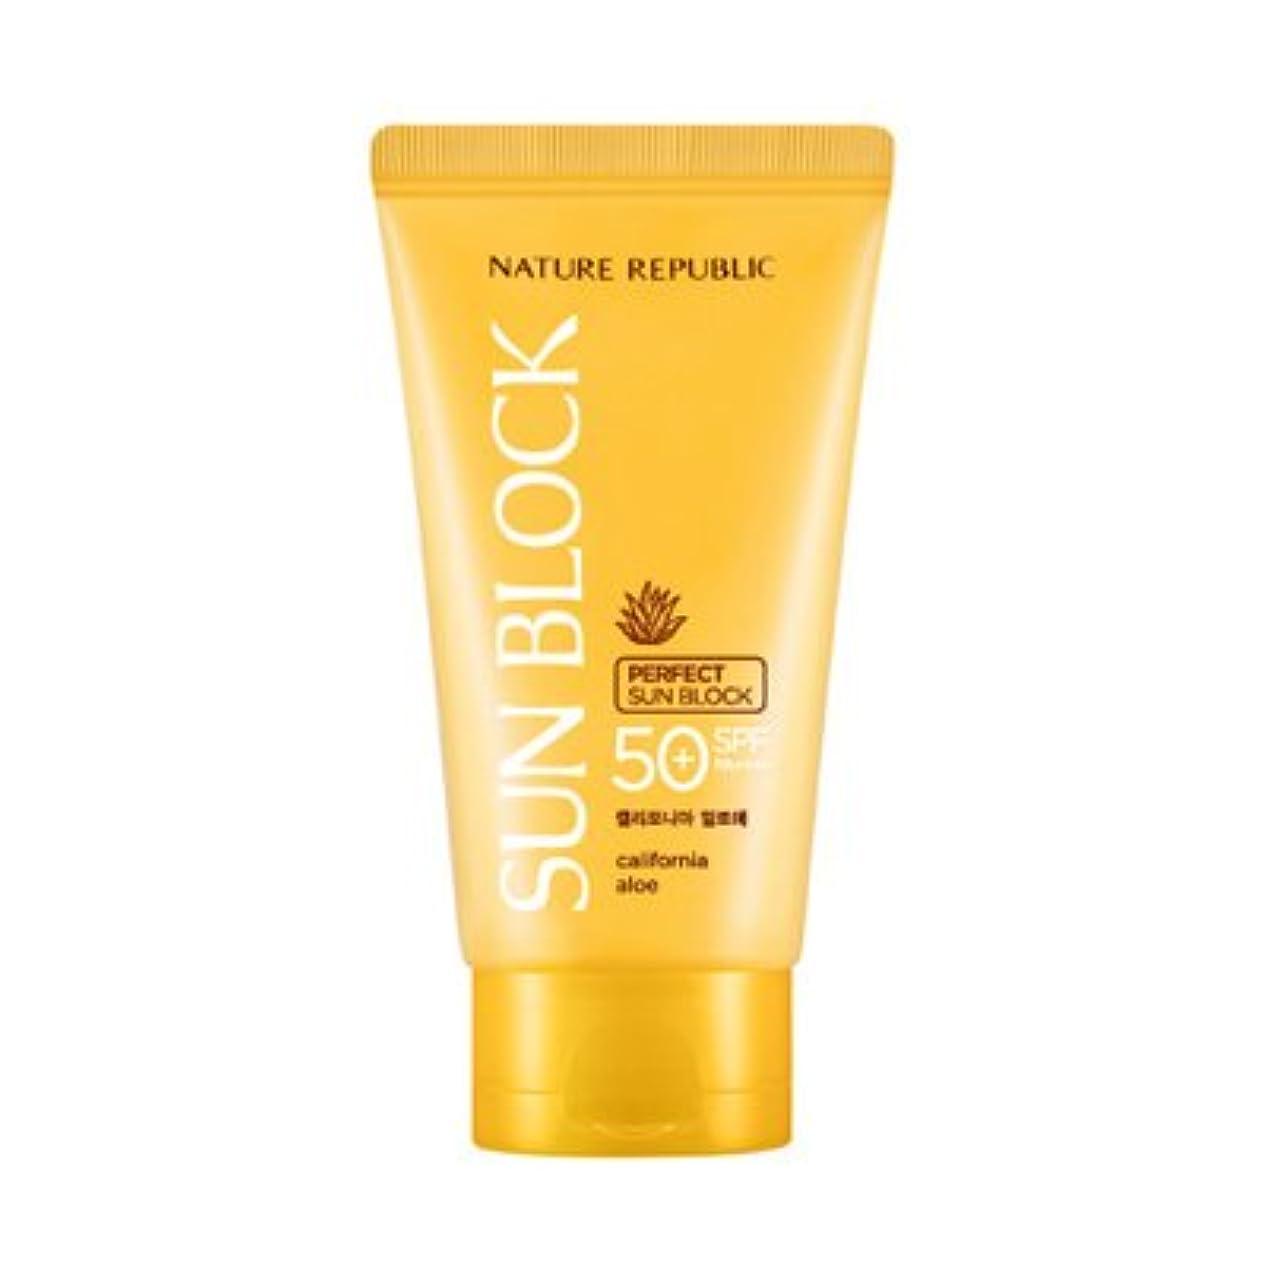 きらめき未来陽気なNATURE REPUBLIC California Aloe Perfect Sun Block SPF50+ PA++++ 150ml / ネイチャーリパブリック カリフォルニアアロエパーフェクトサンブロック [並行輸入品]